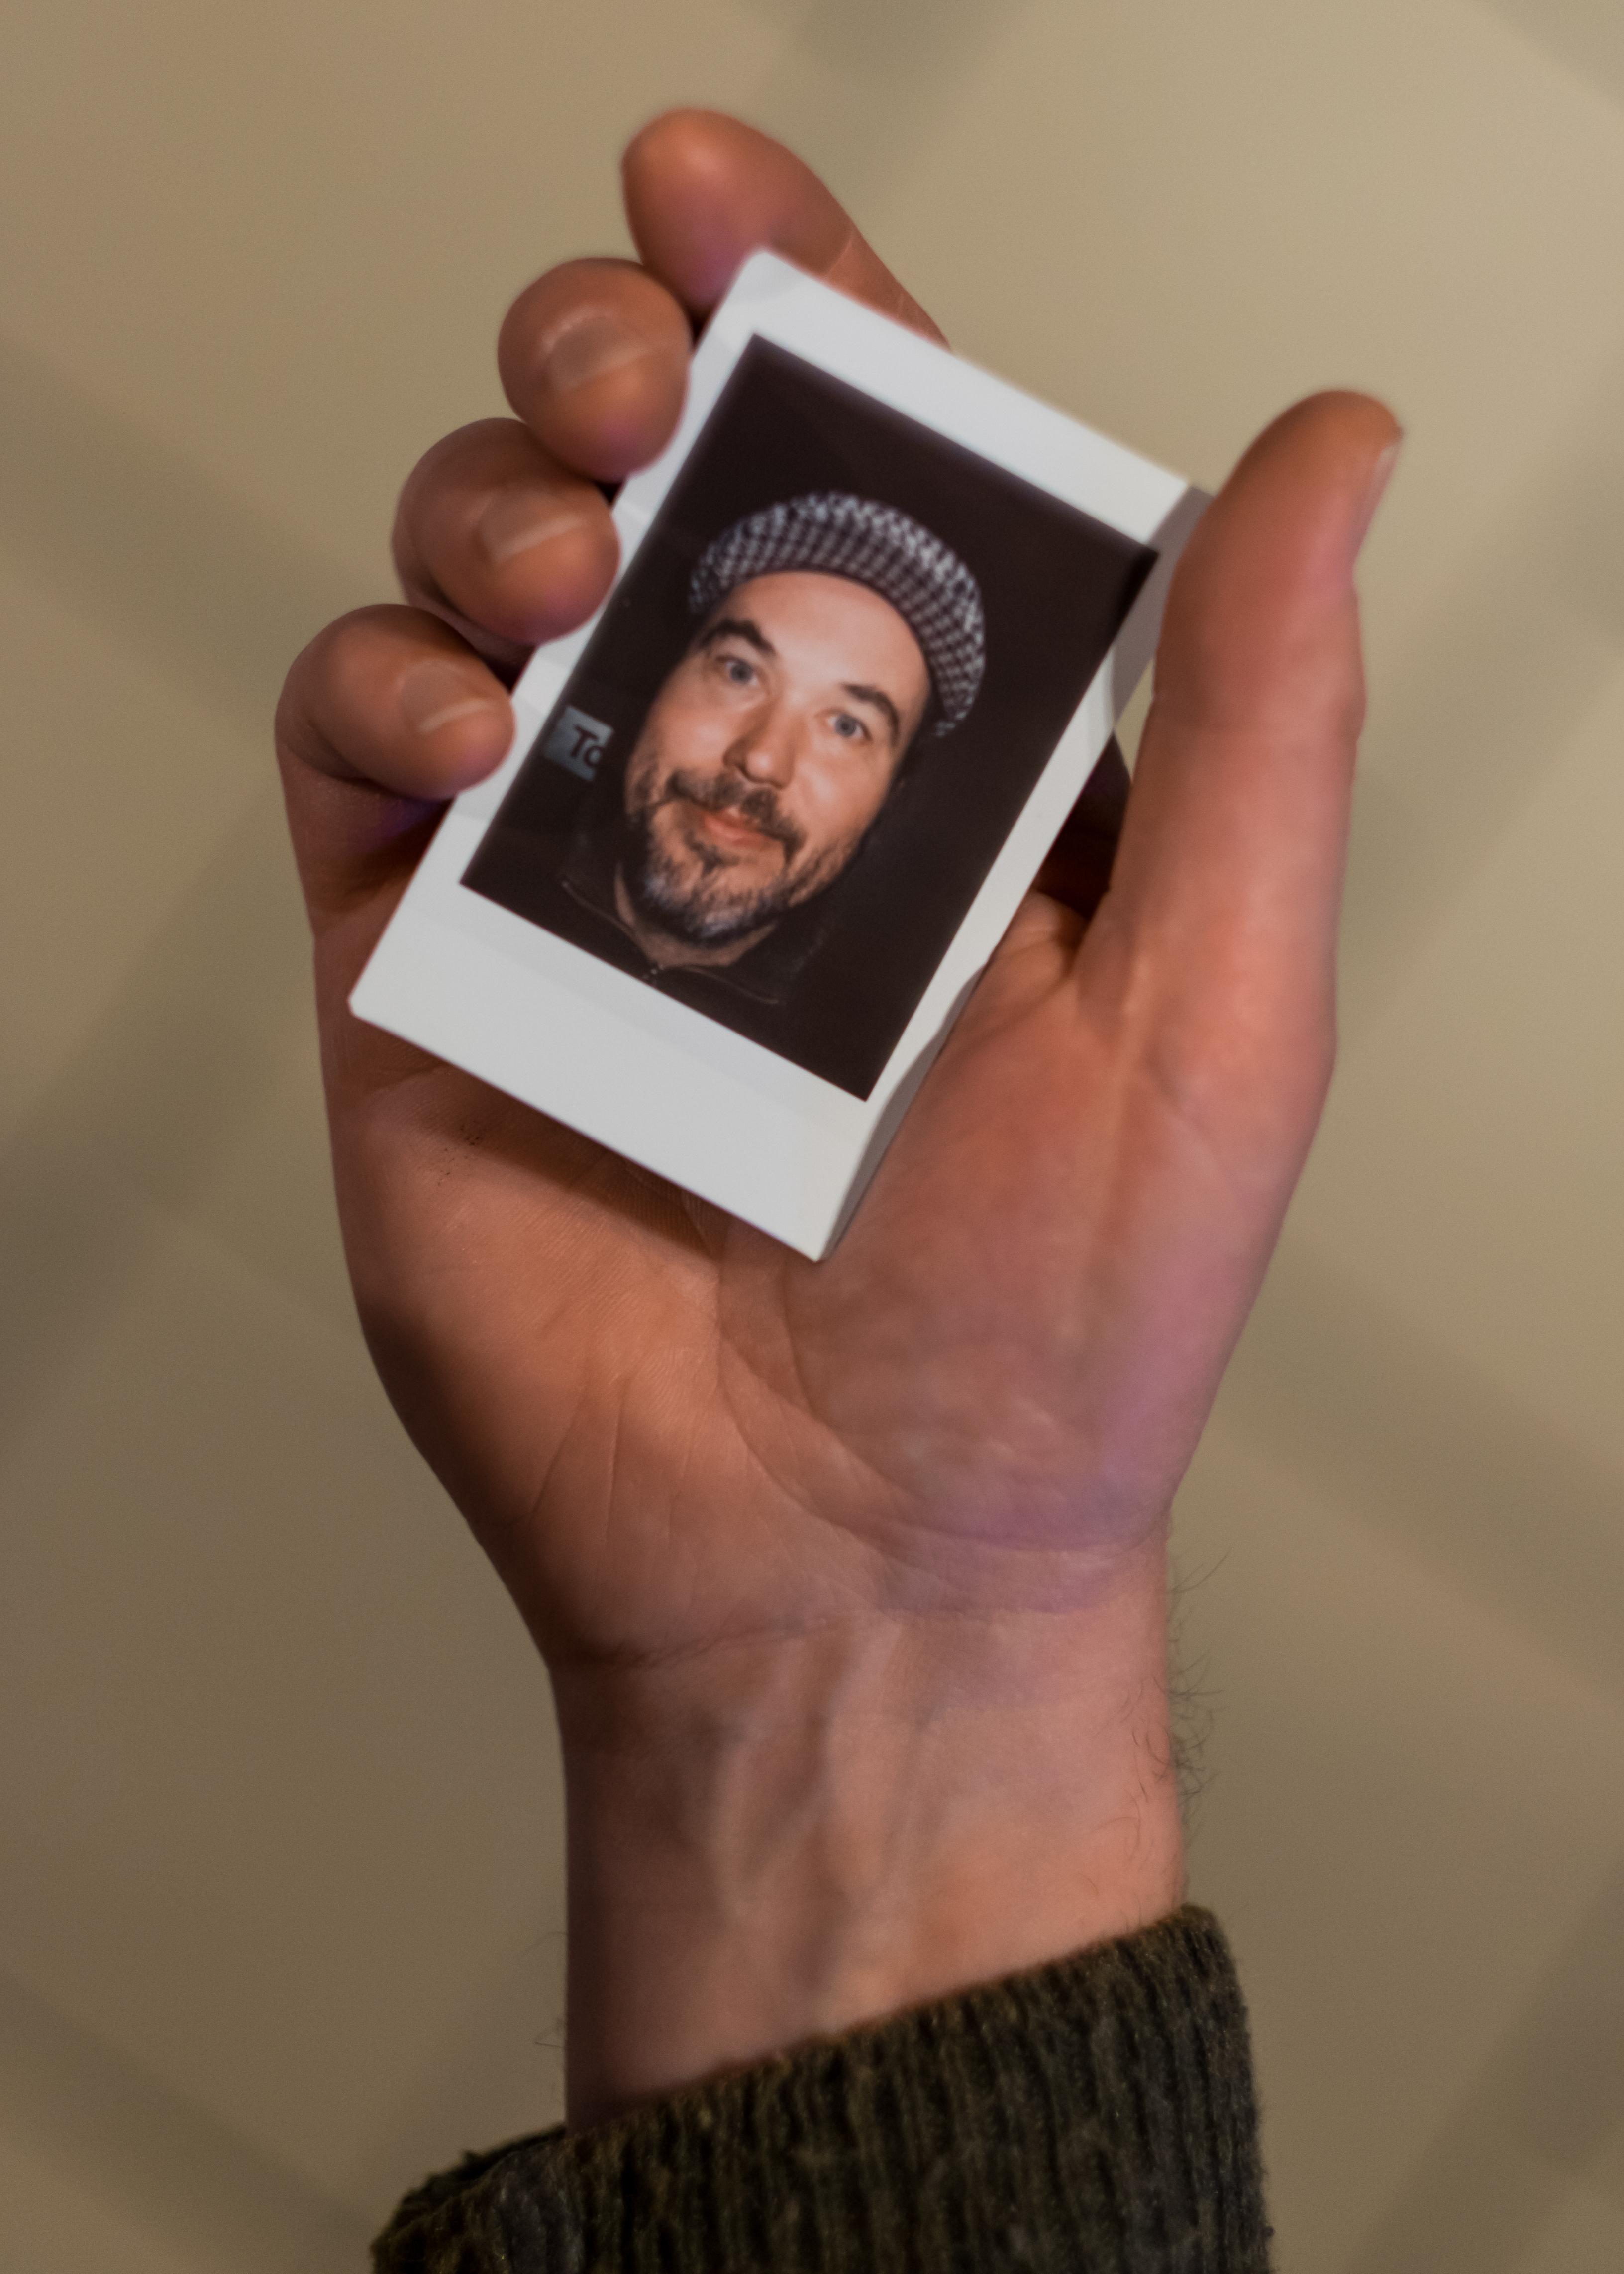 Olivier Bourget portrait dans la main-81